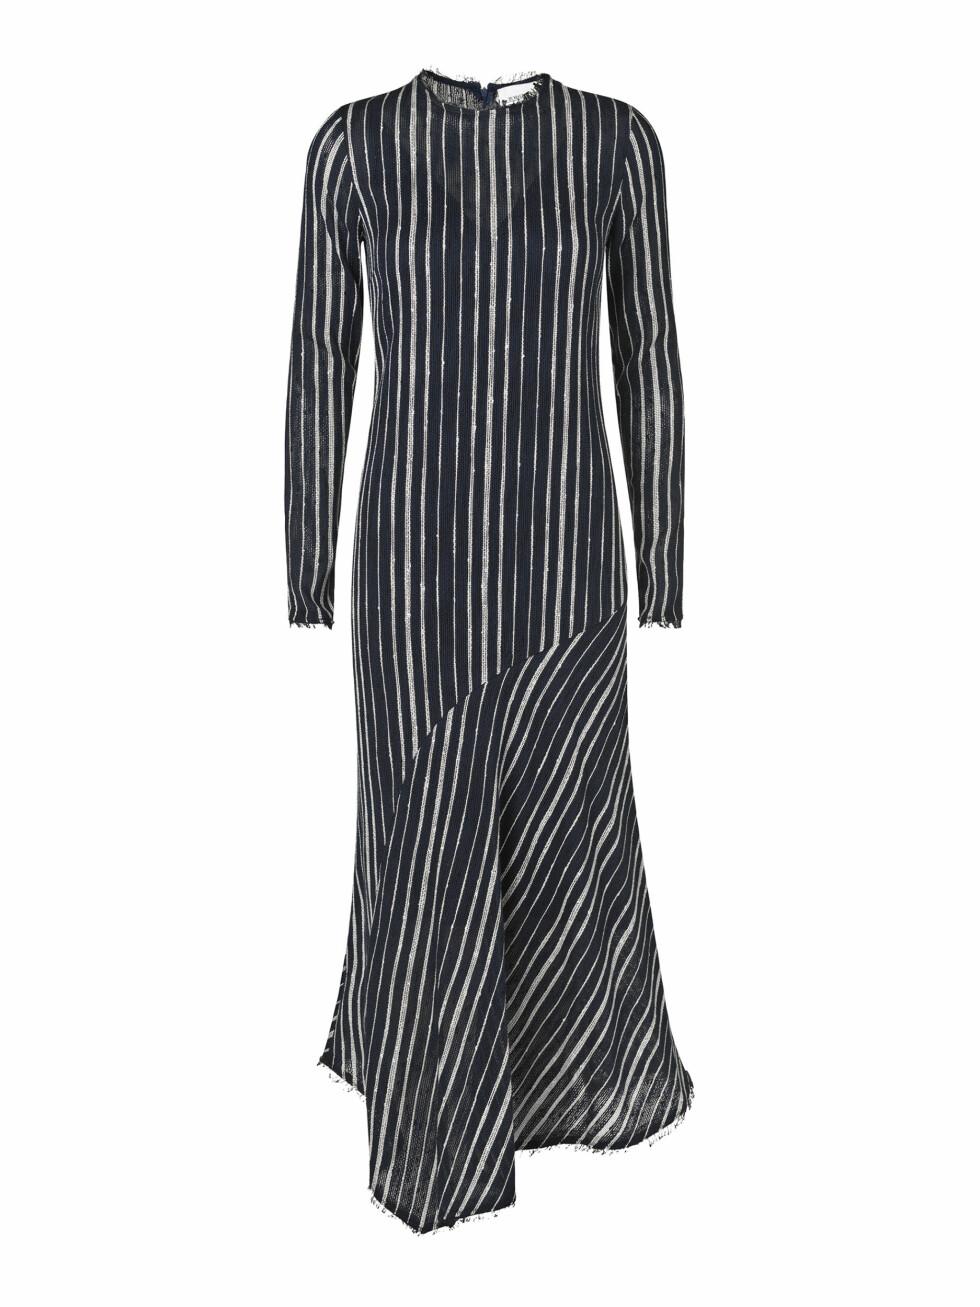 Kjole fra By Malene Birger, kr 4200. Foto: Produsenten